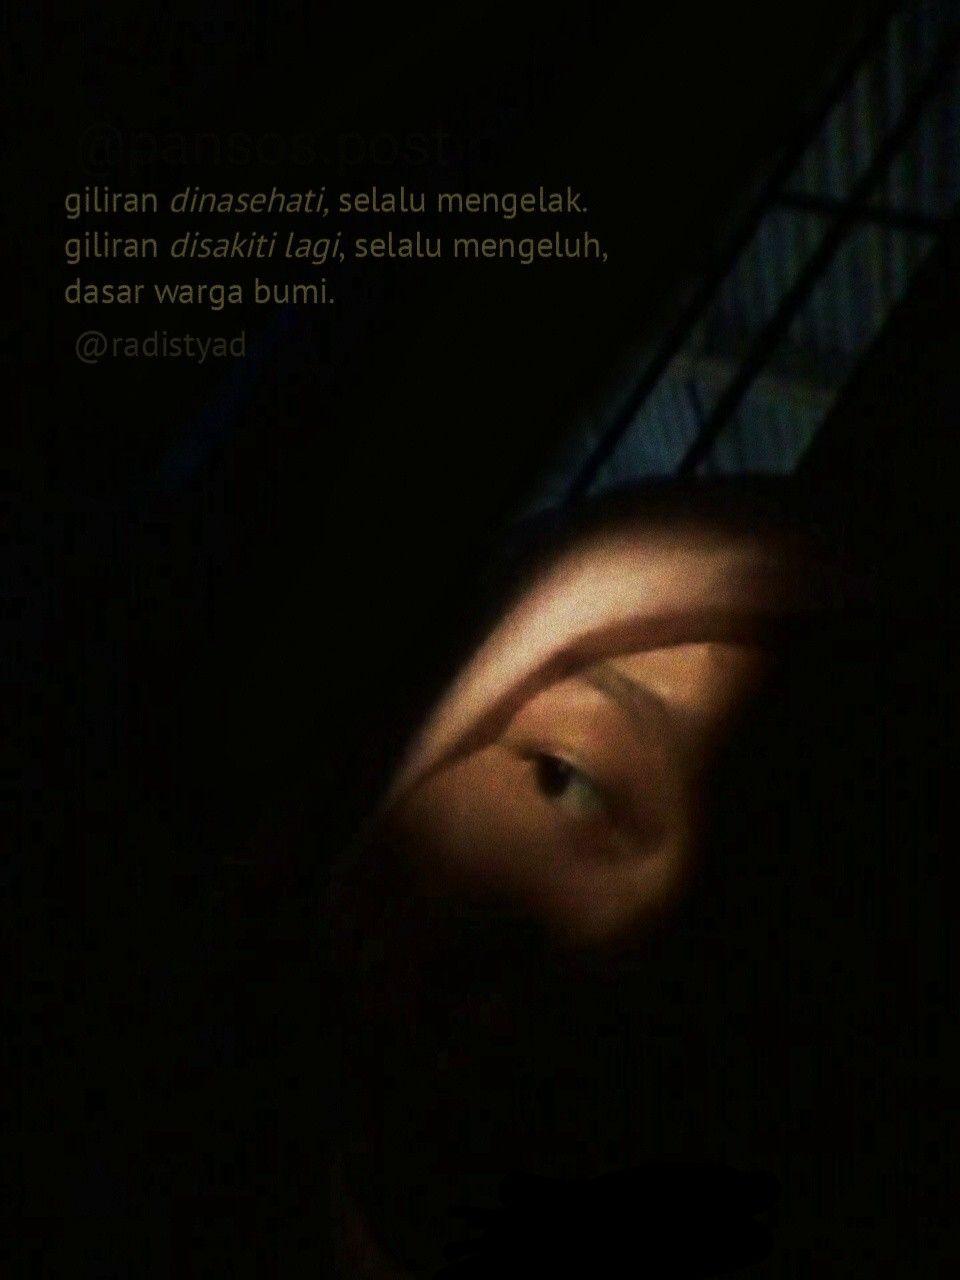 Quote Bucin Galau Nangis Sedih Aesthetic Aestetic Love